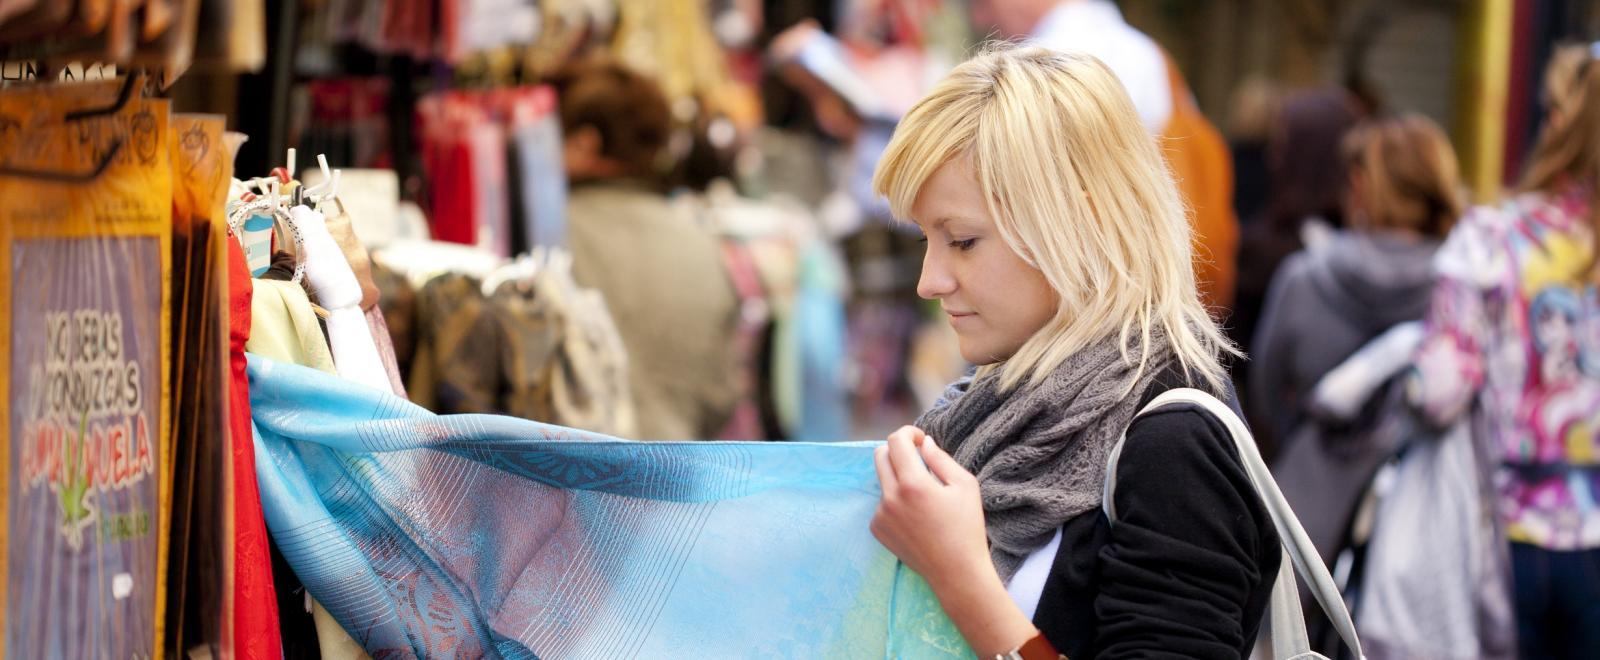 Une femme apprend le concept de consommation éthique à l'étranger.